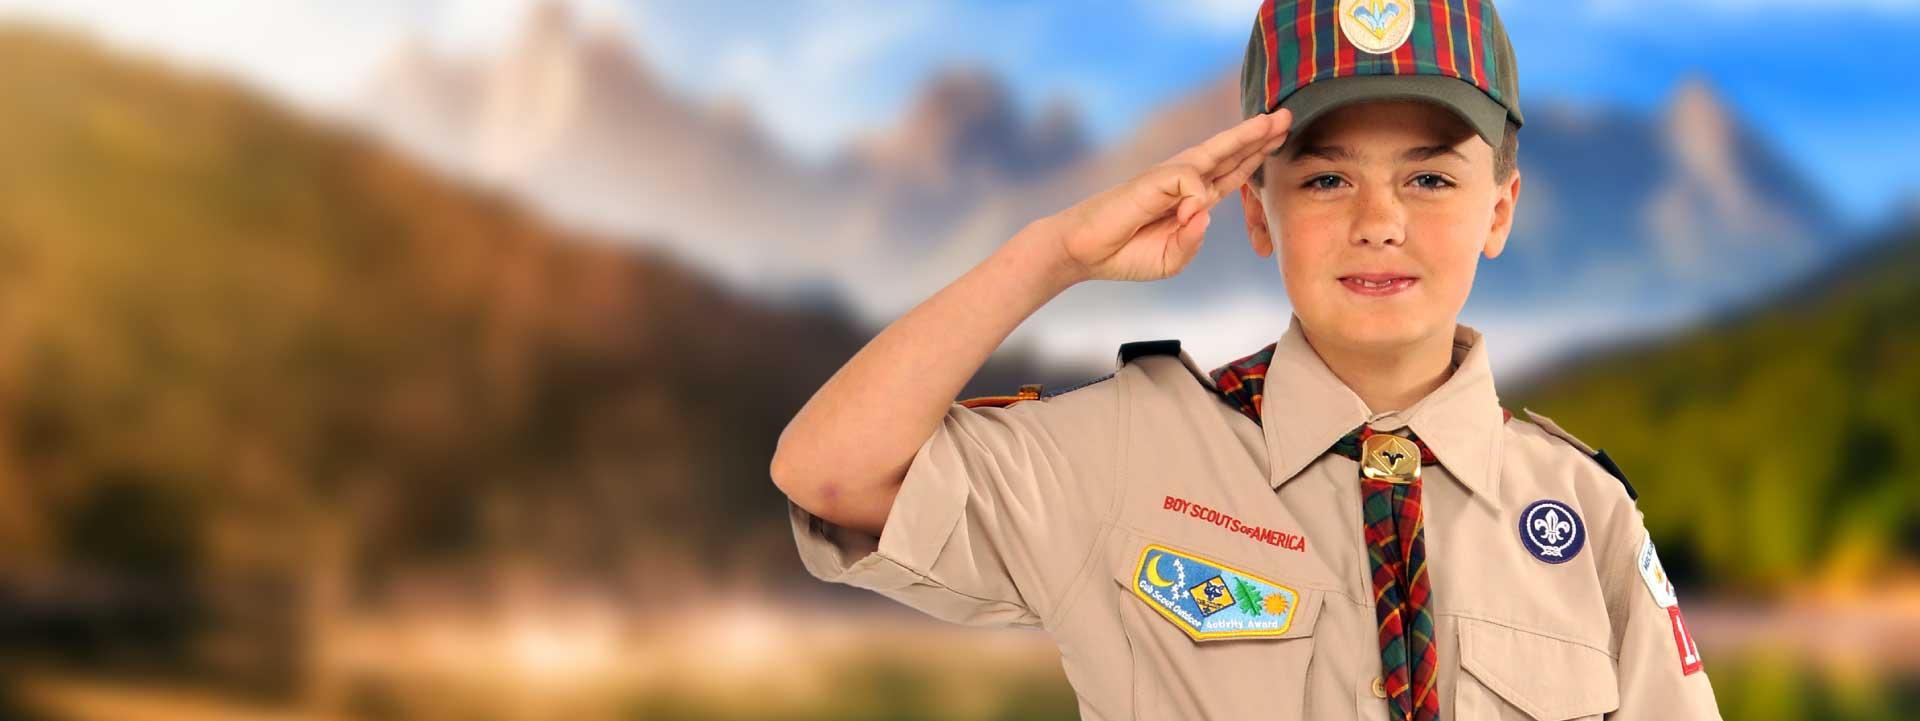 Cub Scout - Webelo